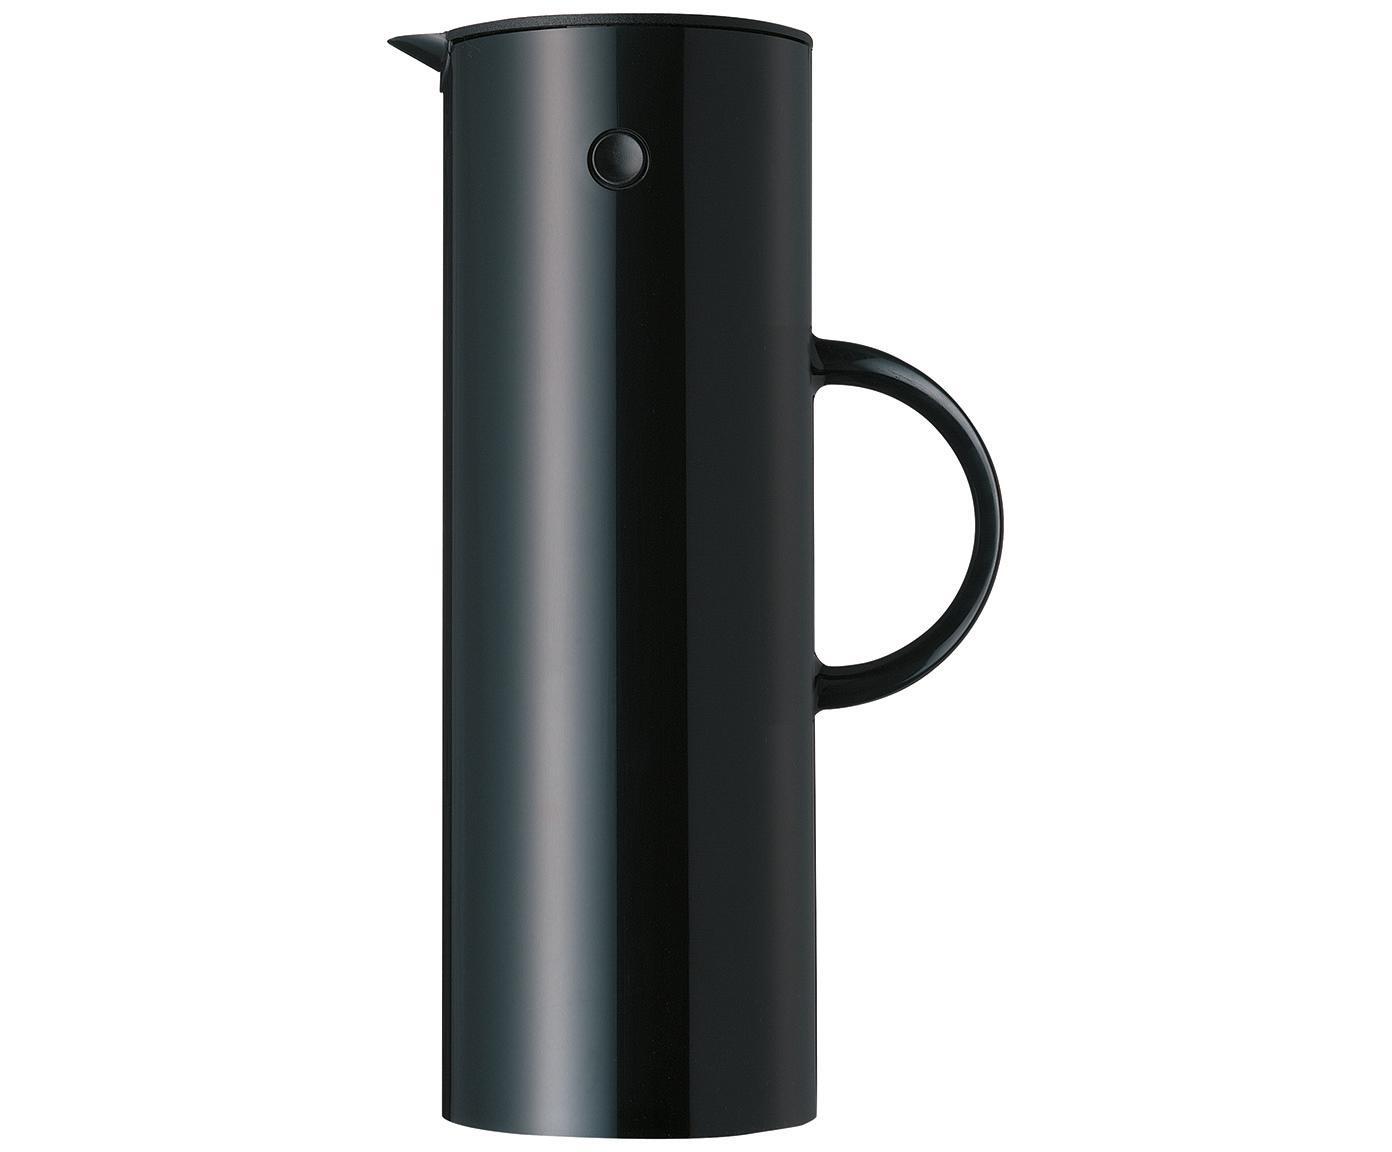 Brocca isotermica in nero lucido EM77, Esterno: acciaio inossidabile, riv, Interno: materiale sintetico ABS c, Nero, 1 l